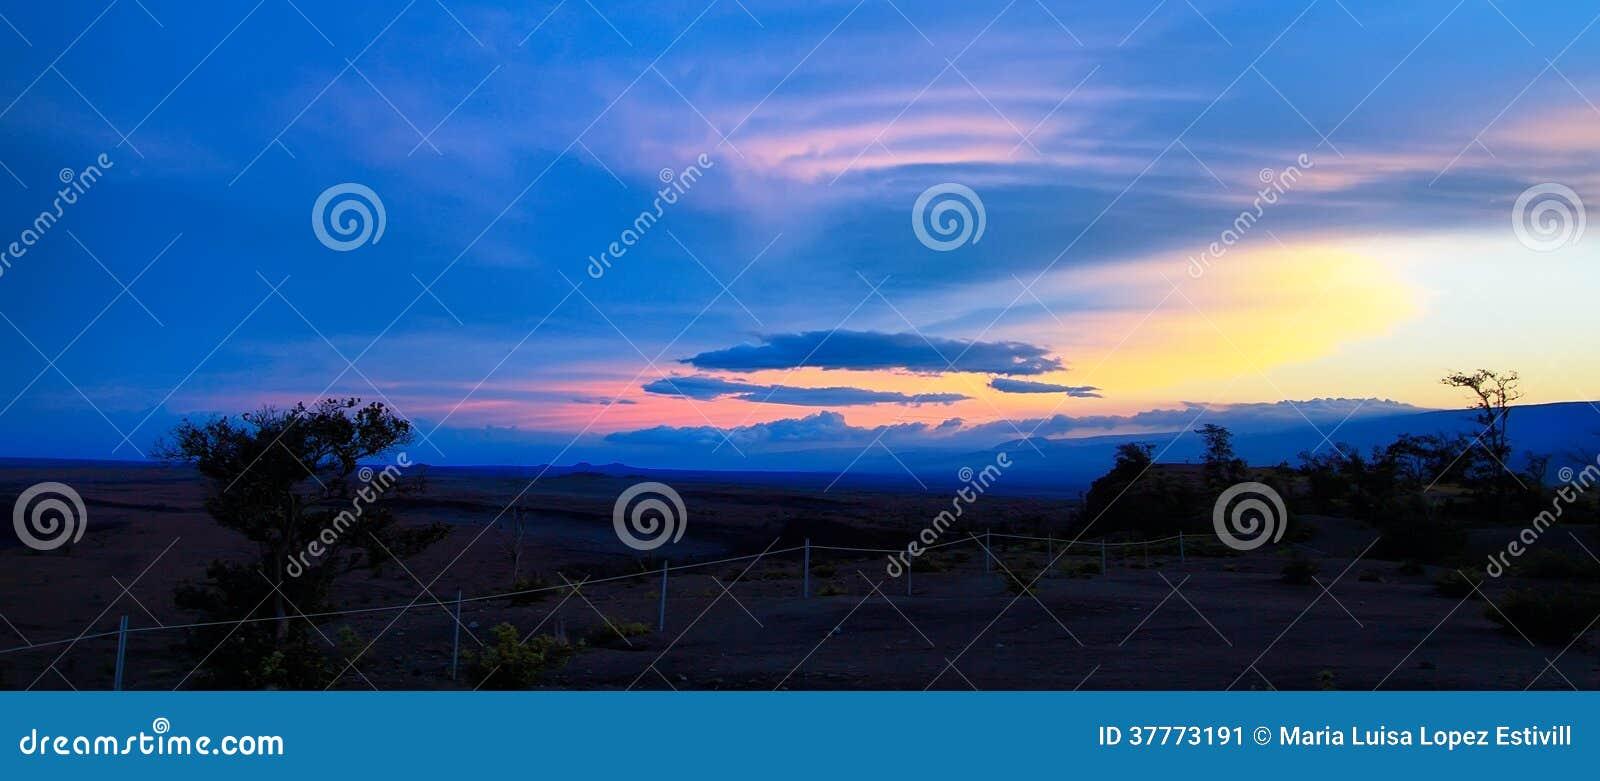 Panoramiczny widok majestatyczny zmierzch od Jaggar muzeum punktu widzenia